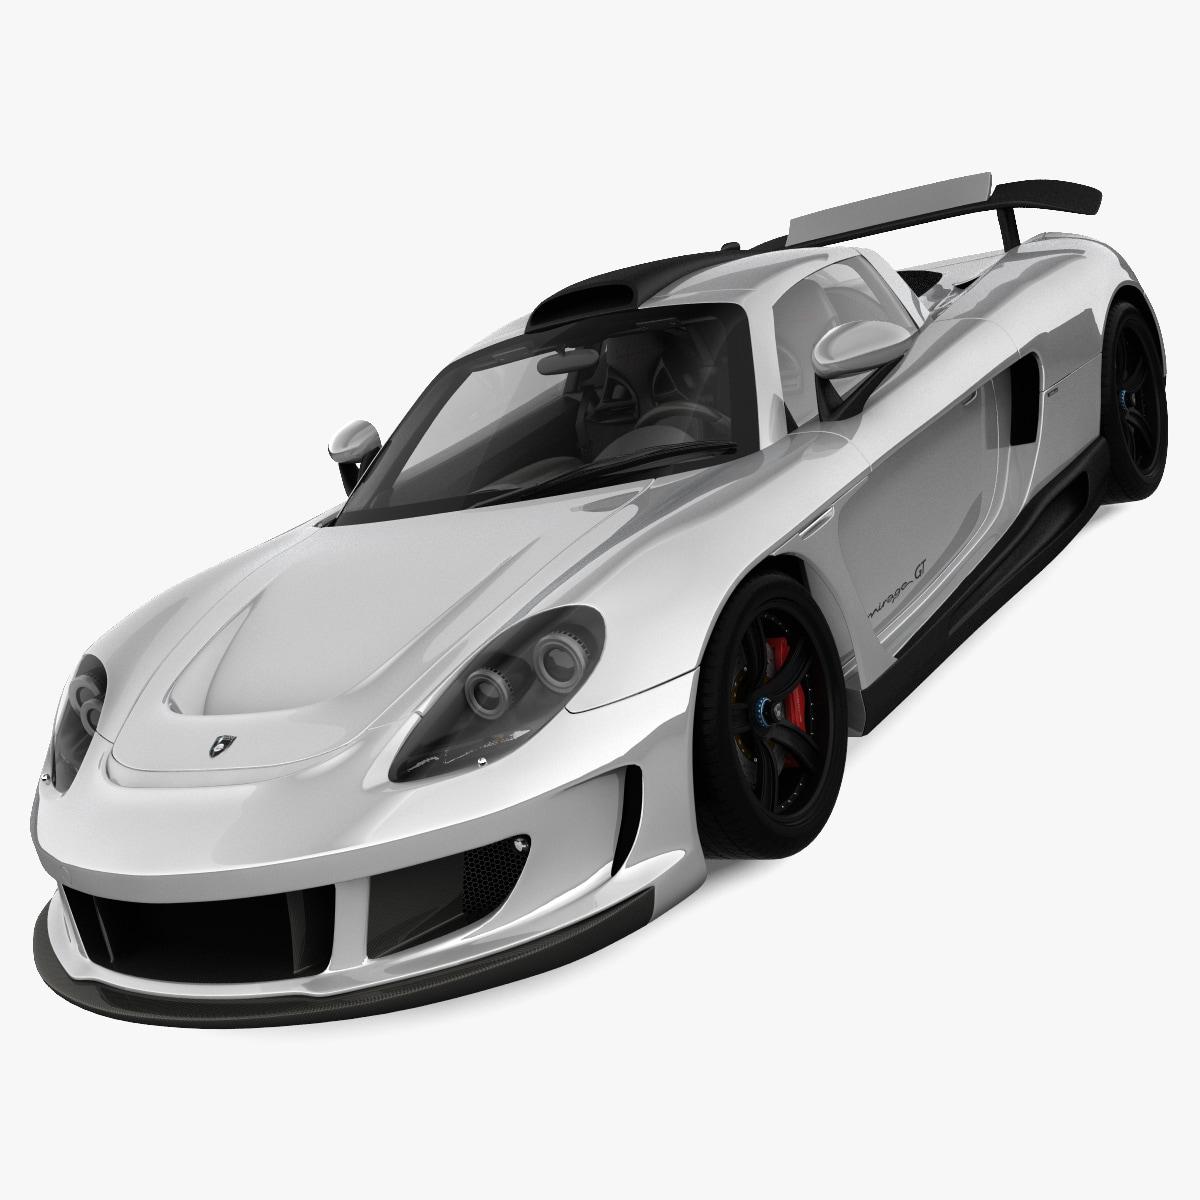 Porsche_Carrera_00.jpg